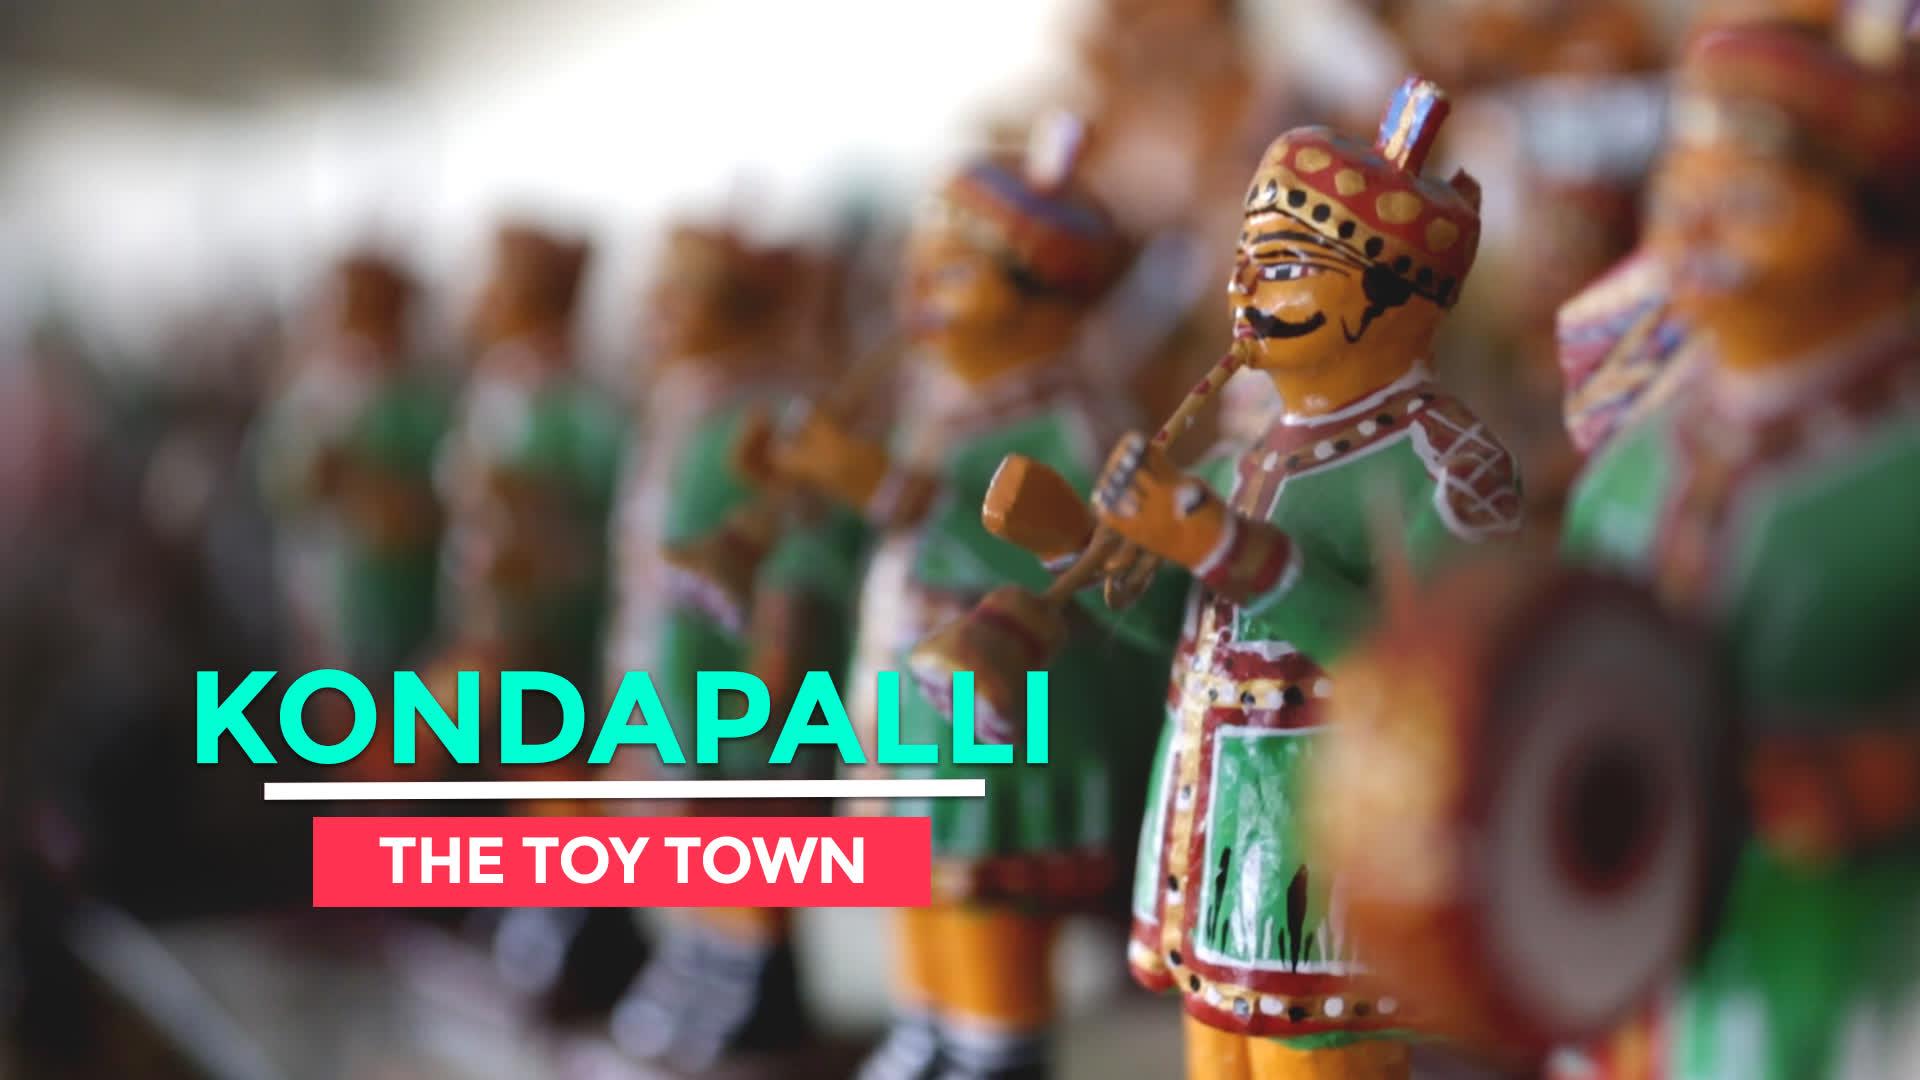 Kondapalli: The Toy Town